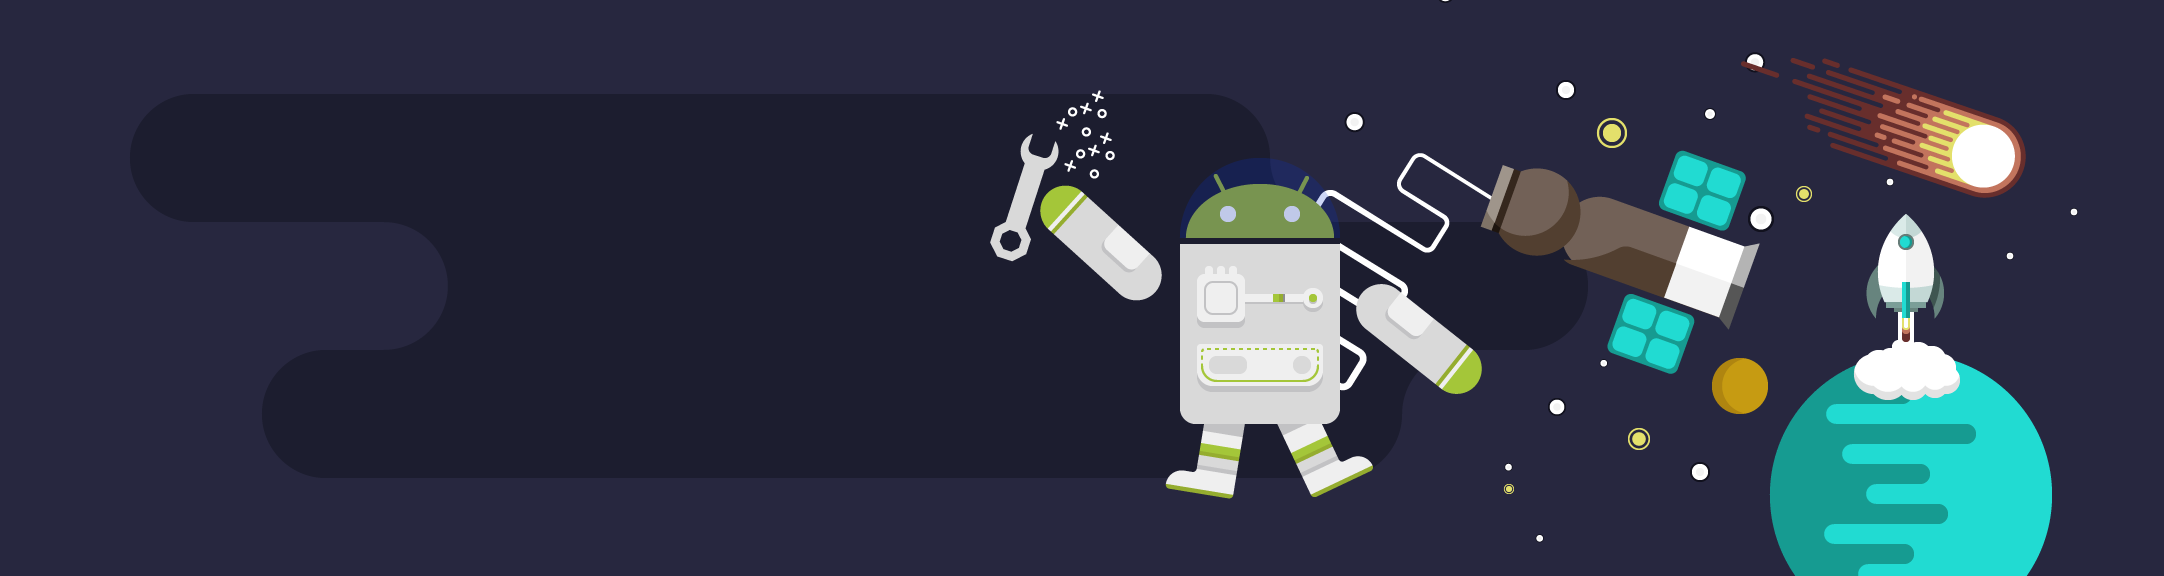 Android devloper